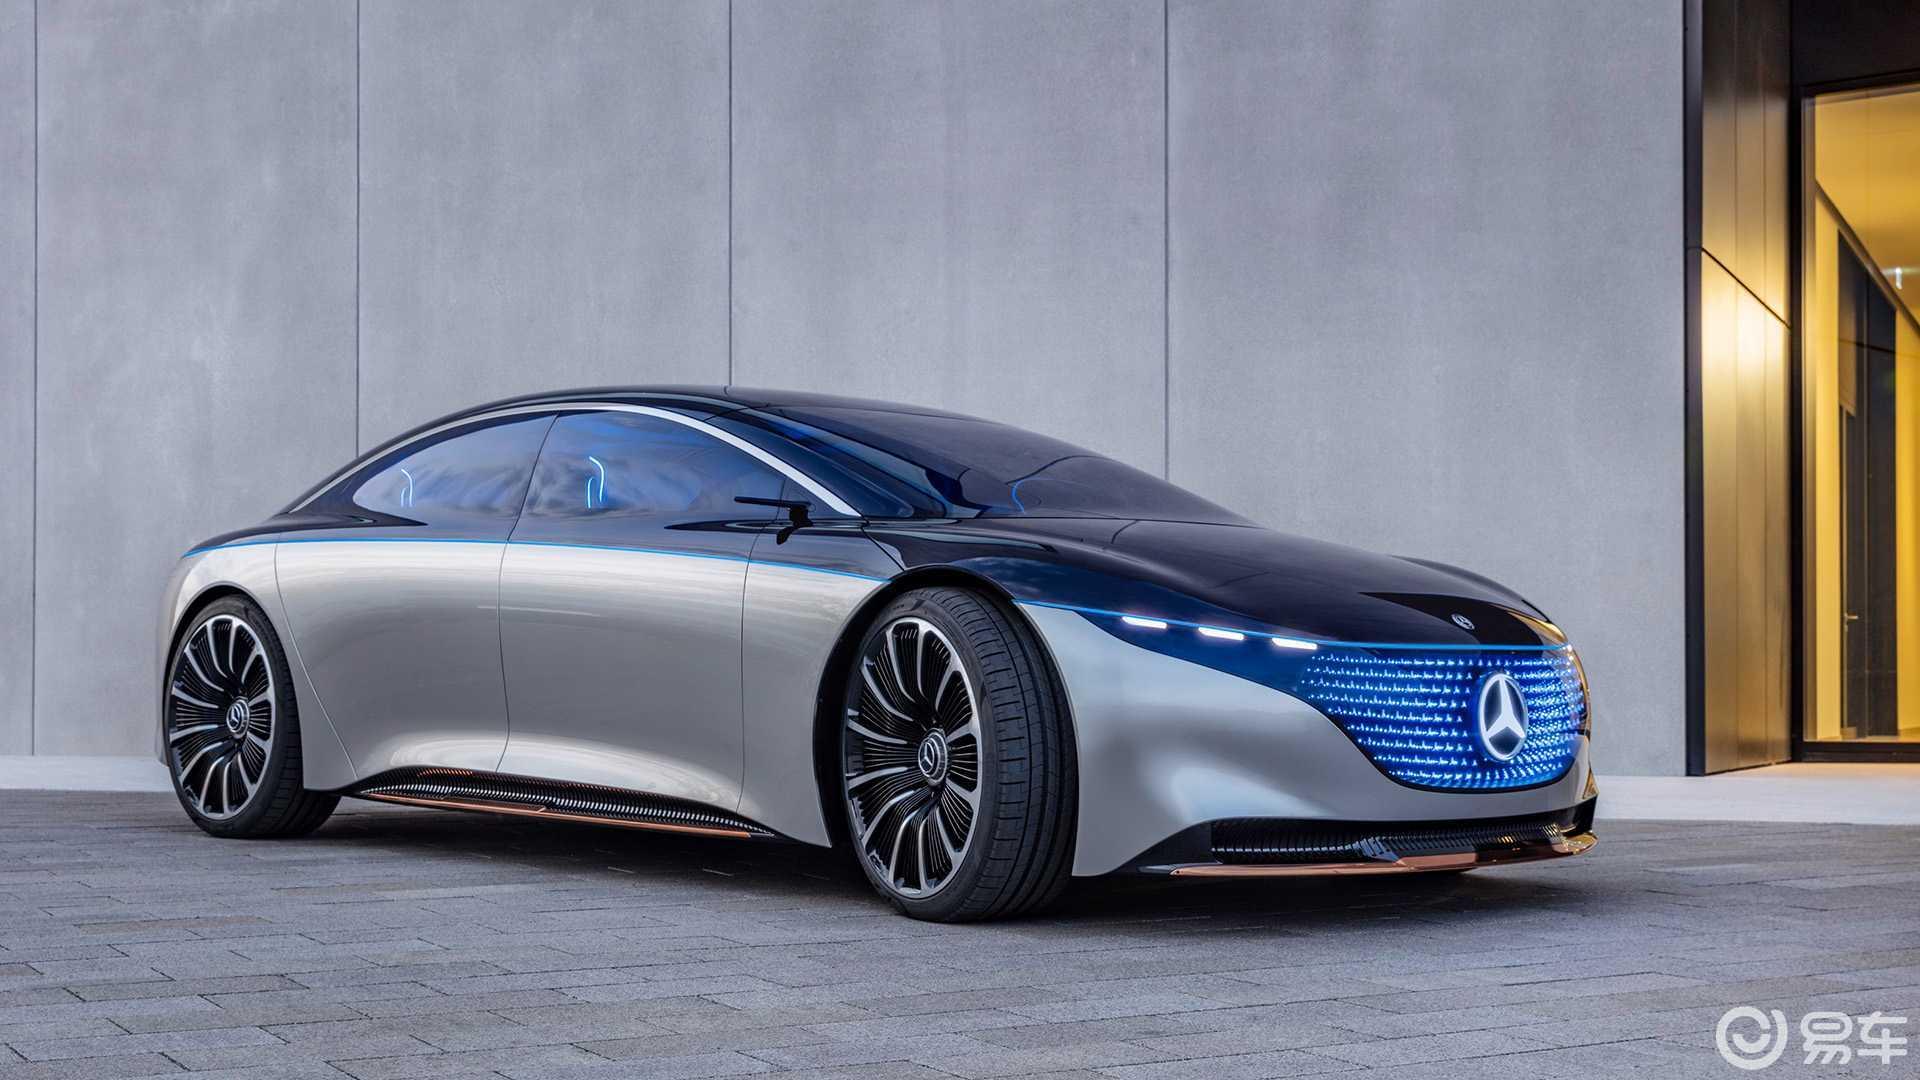 将搭载超600马力电机,消息称奔驰EQS将推出AMG车型